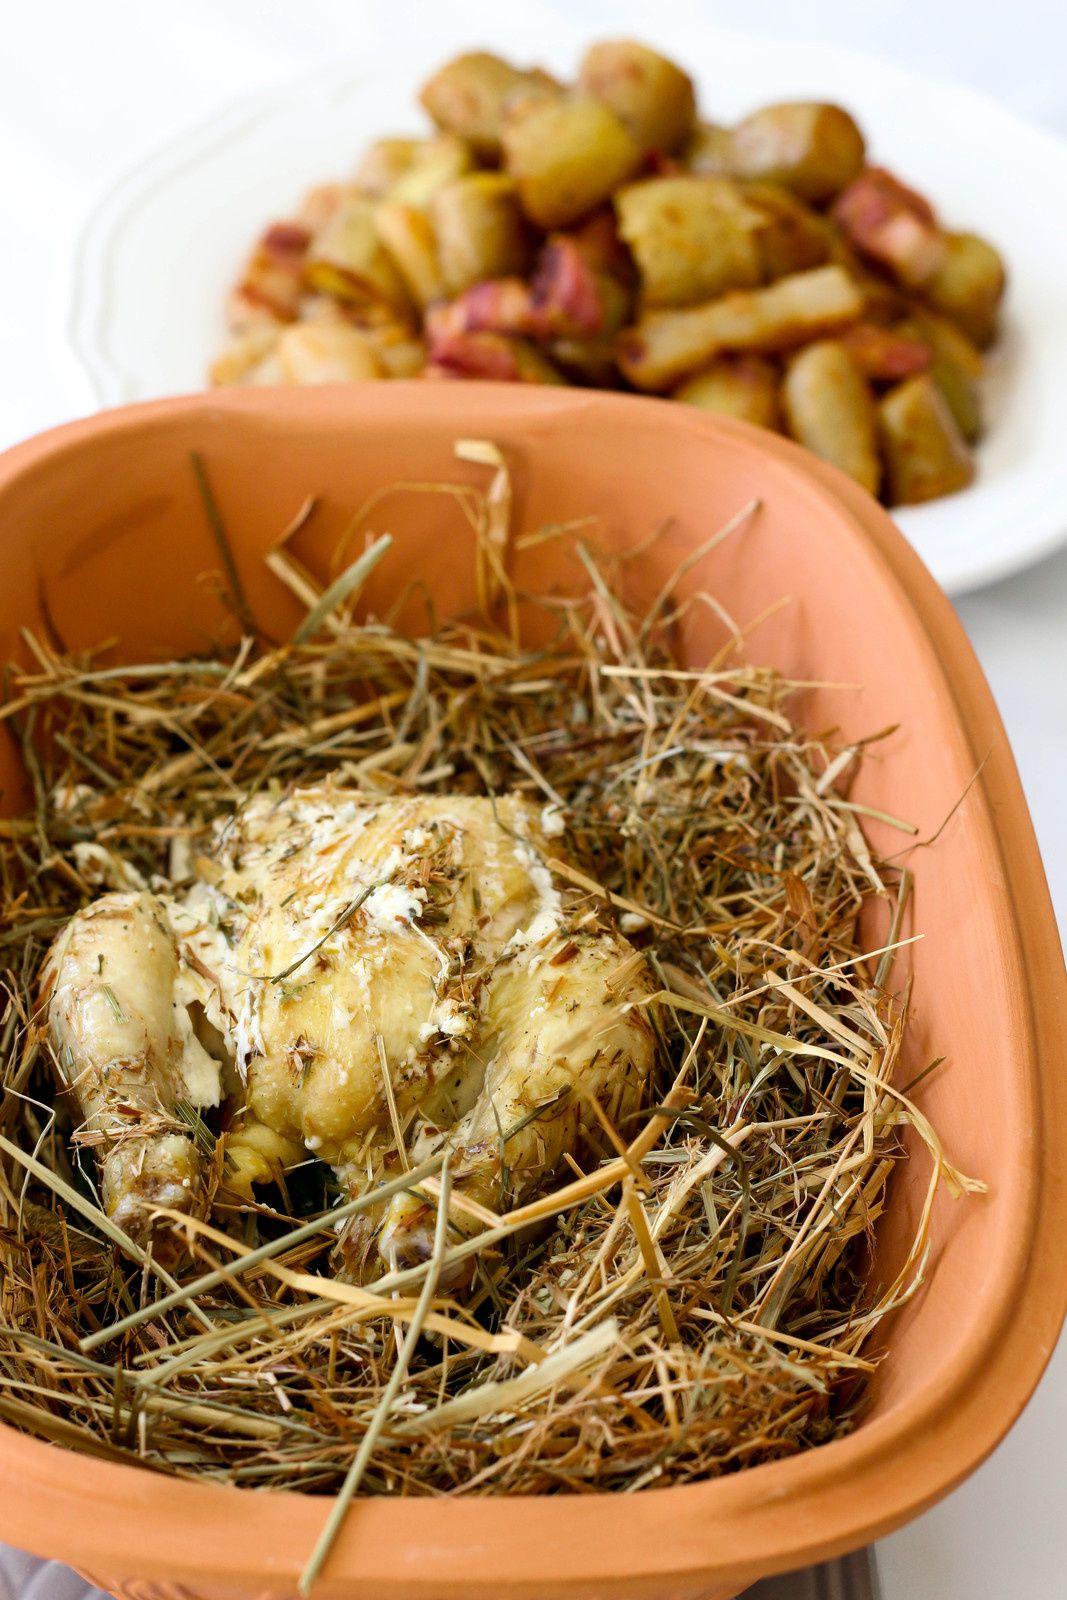 Coquelets cuits au foin & Pommes de terre sautées au lard de poitrine et aux navets